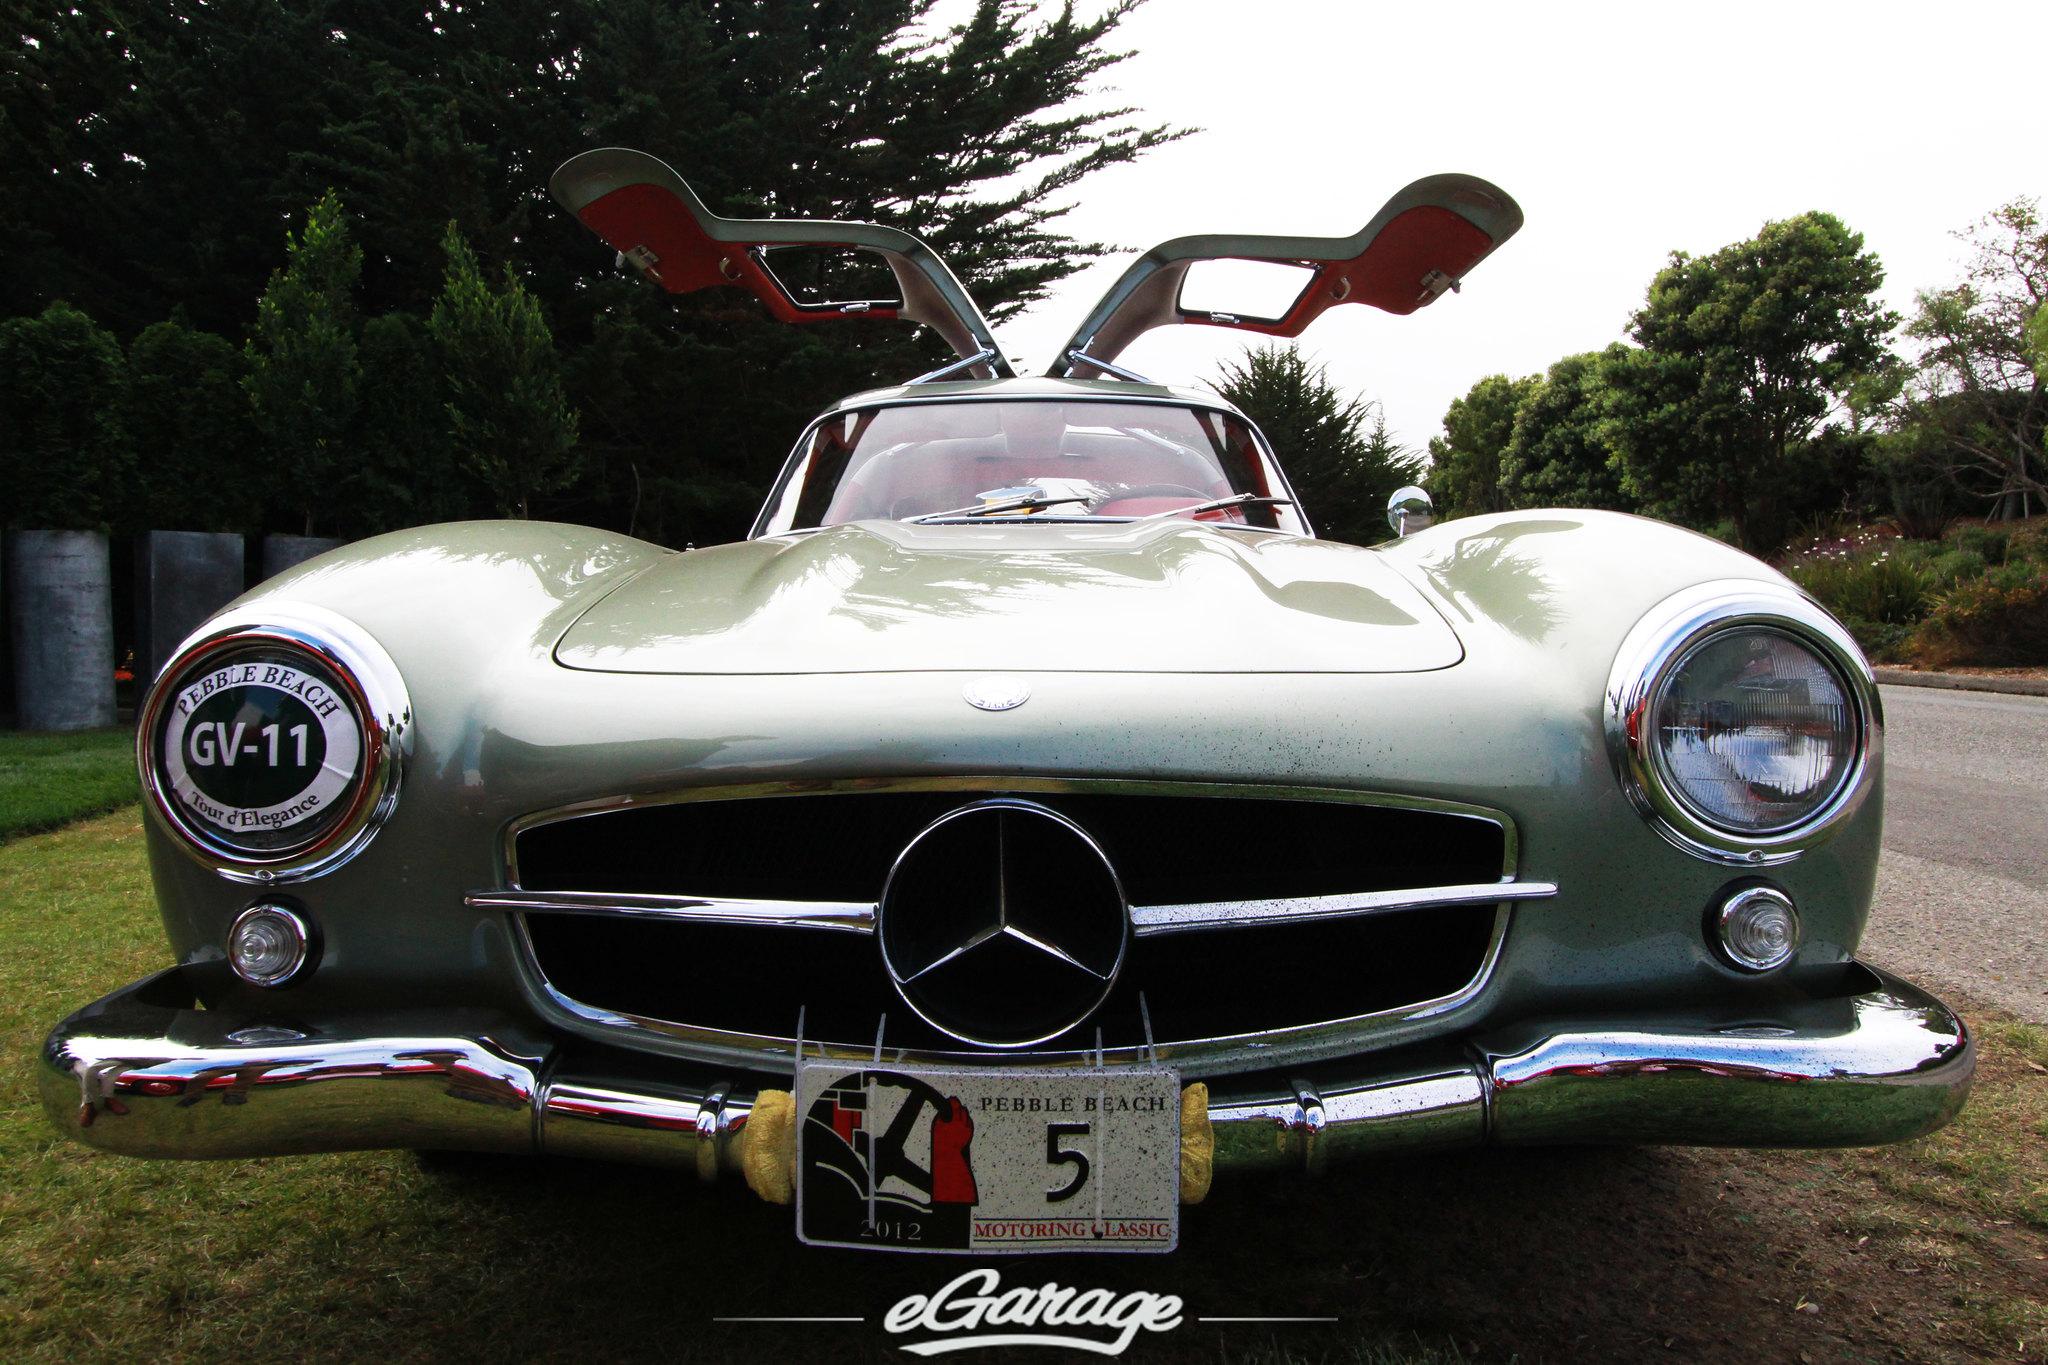 7828967134 4fc2585bc6 k Mercedes Benz Classic